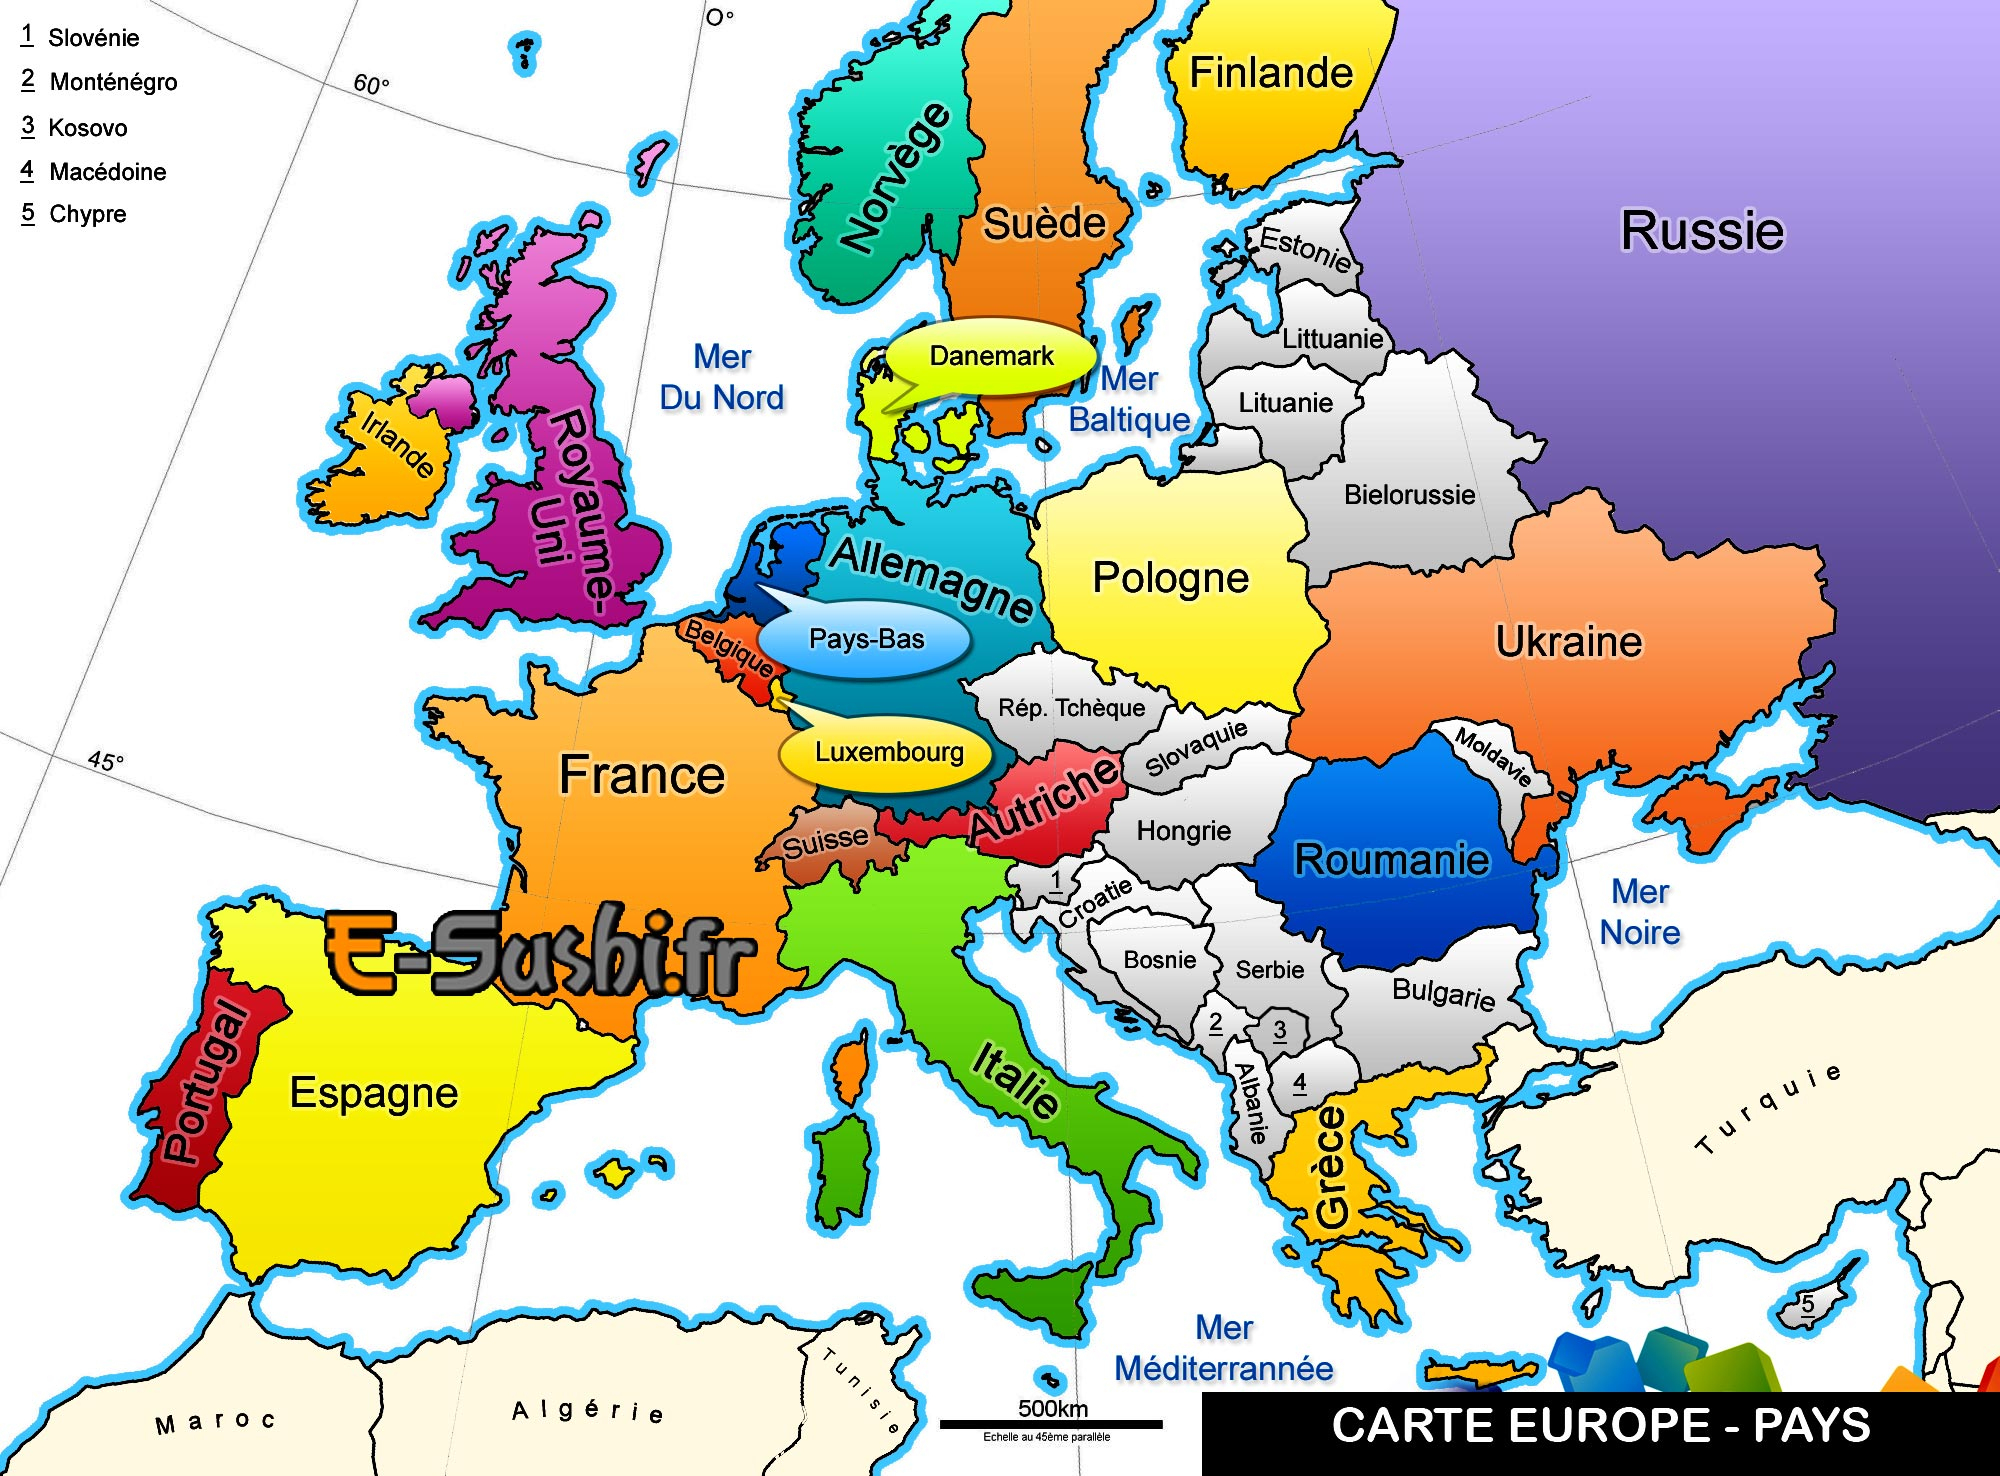 Carte Europe - Géographie Des Pays - Arts Et Voyages avec Carte Europe Pays Et Capitale